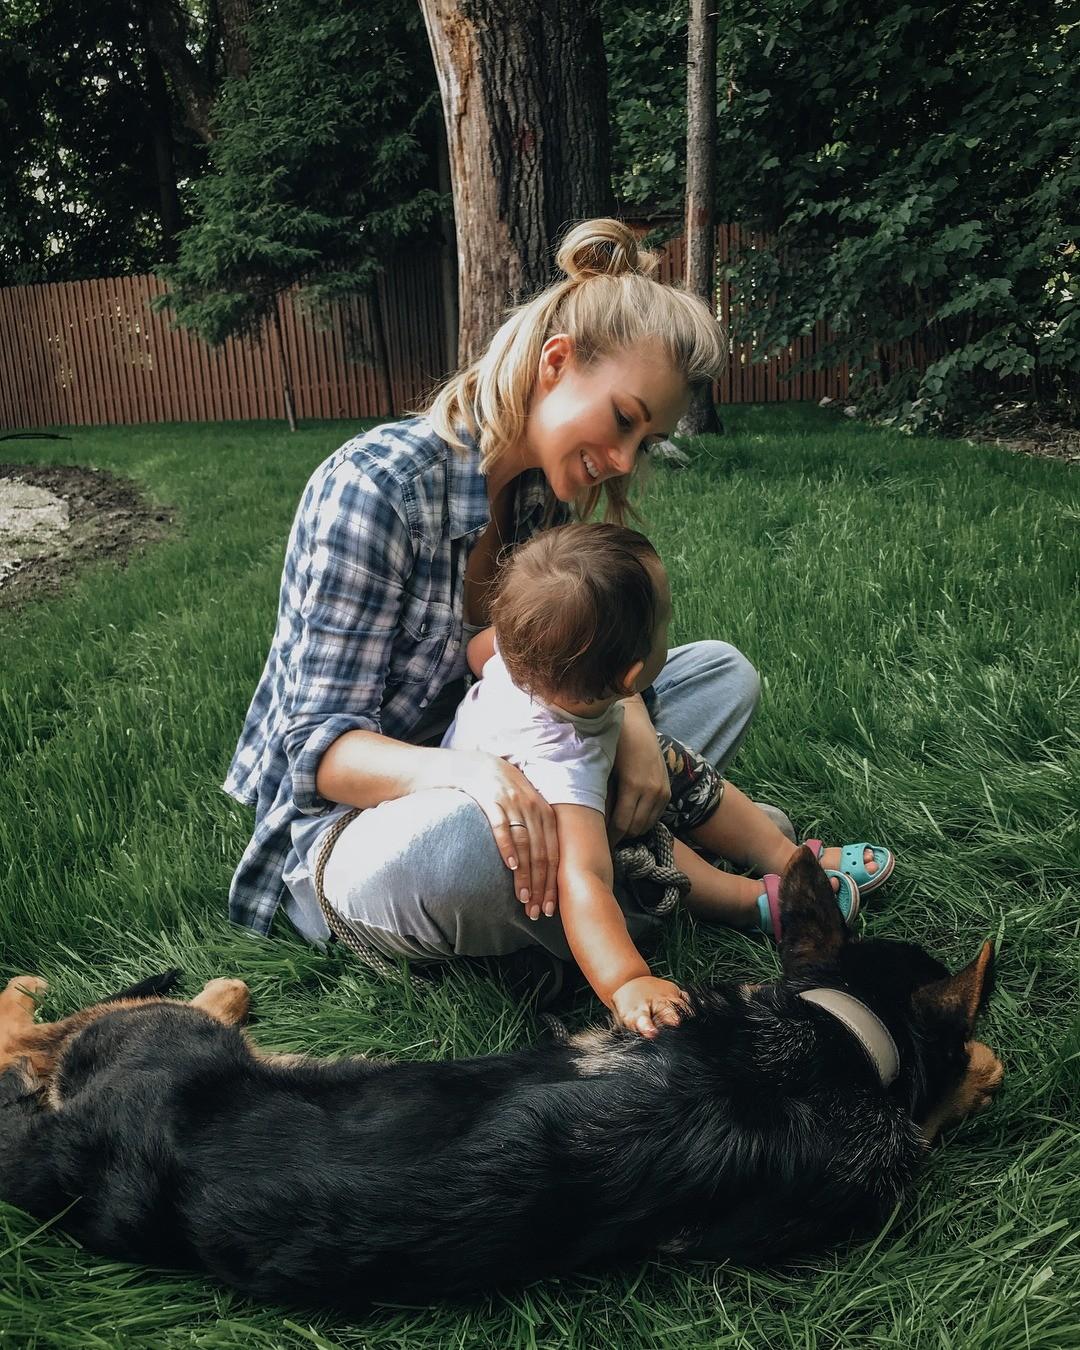 Психологи утверждают, что одна изчастых причин, покоторой люди решают завести ребенка, — это желание самоутверждения засчет своего потомства, которое достигнет большего, чем родители....